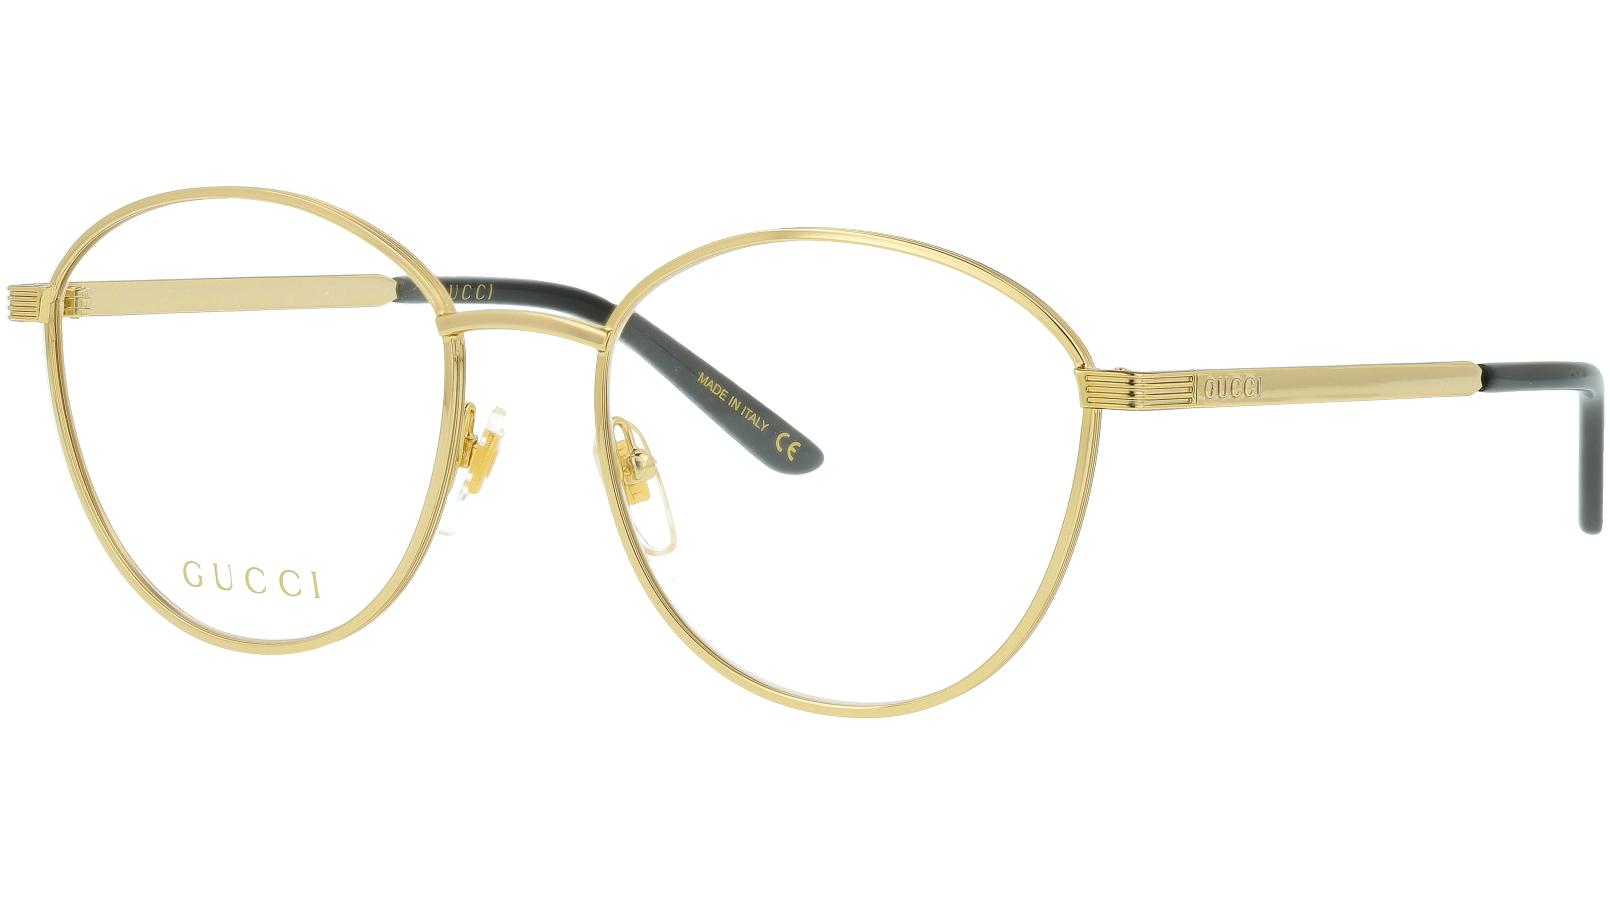 Gucci GG0806O 004 53 Gold Glasses